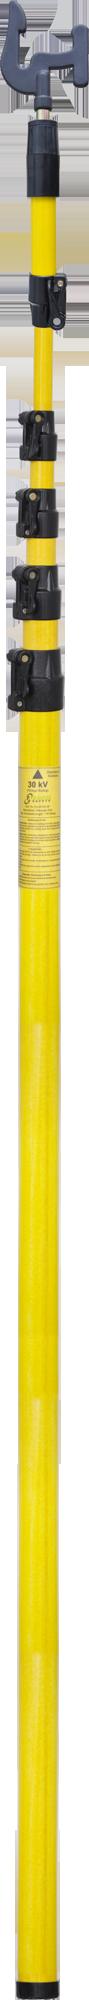 FA 60 016 05-V2.png